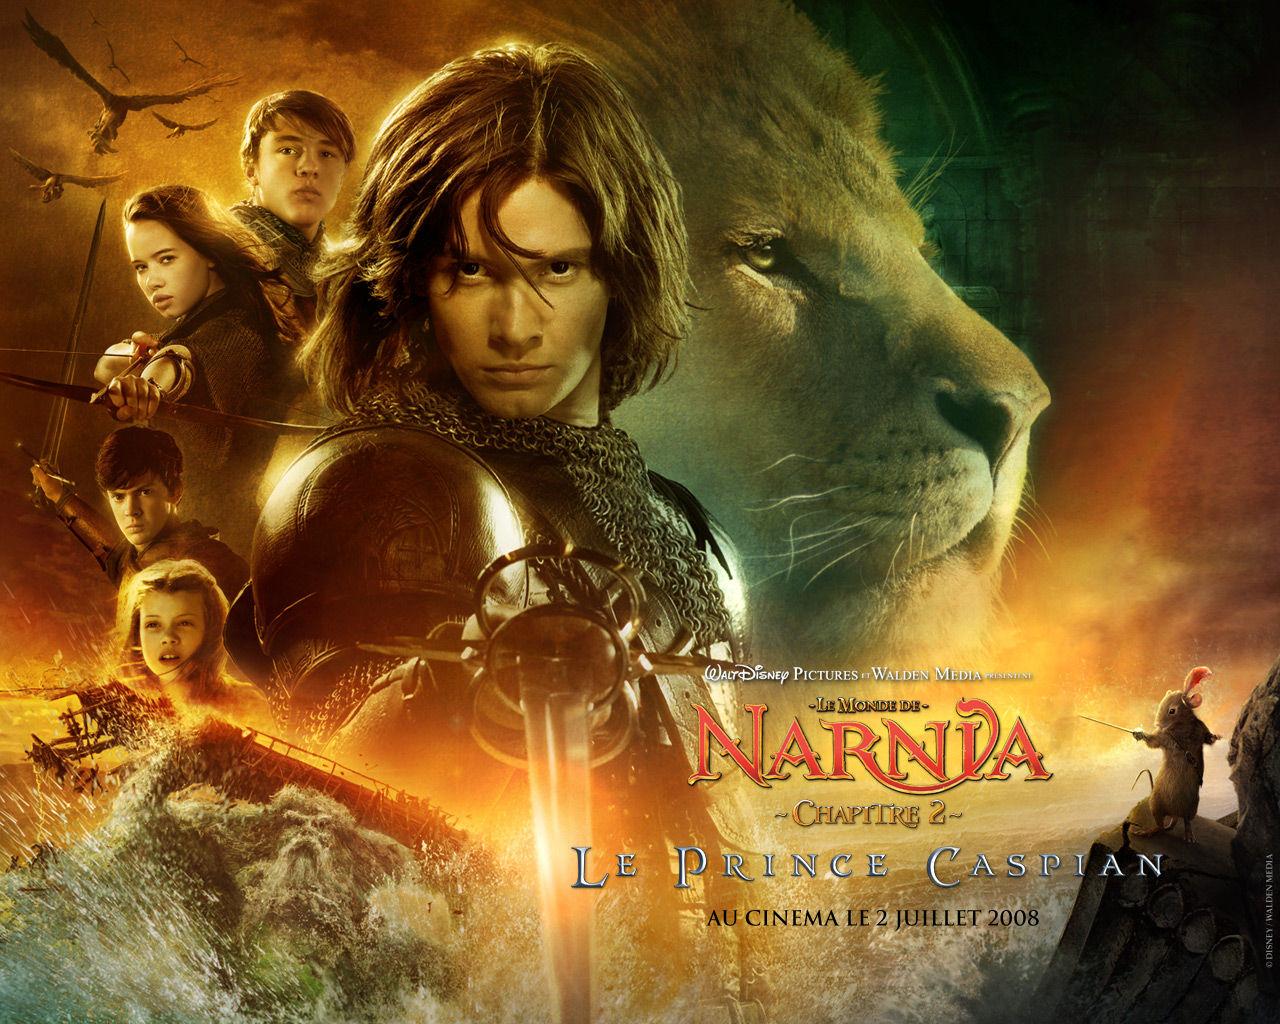 http://4.bp.blogspot.com/-2EEE3eXPLo8/Te8TQ98X02I/AAAAAAAAFoc/ZnyZVLebji4/s1600/The+Chronicles+of+Narnia+Prince+Caspian.jpg